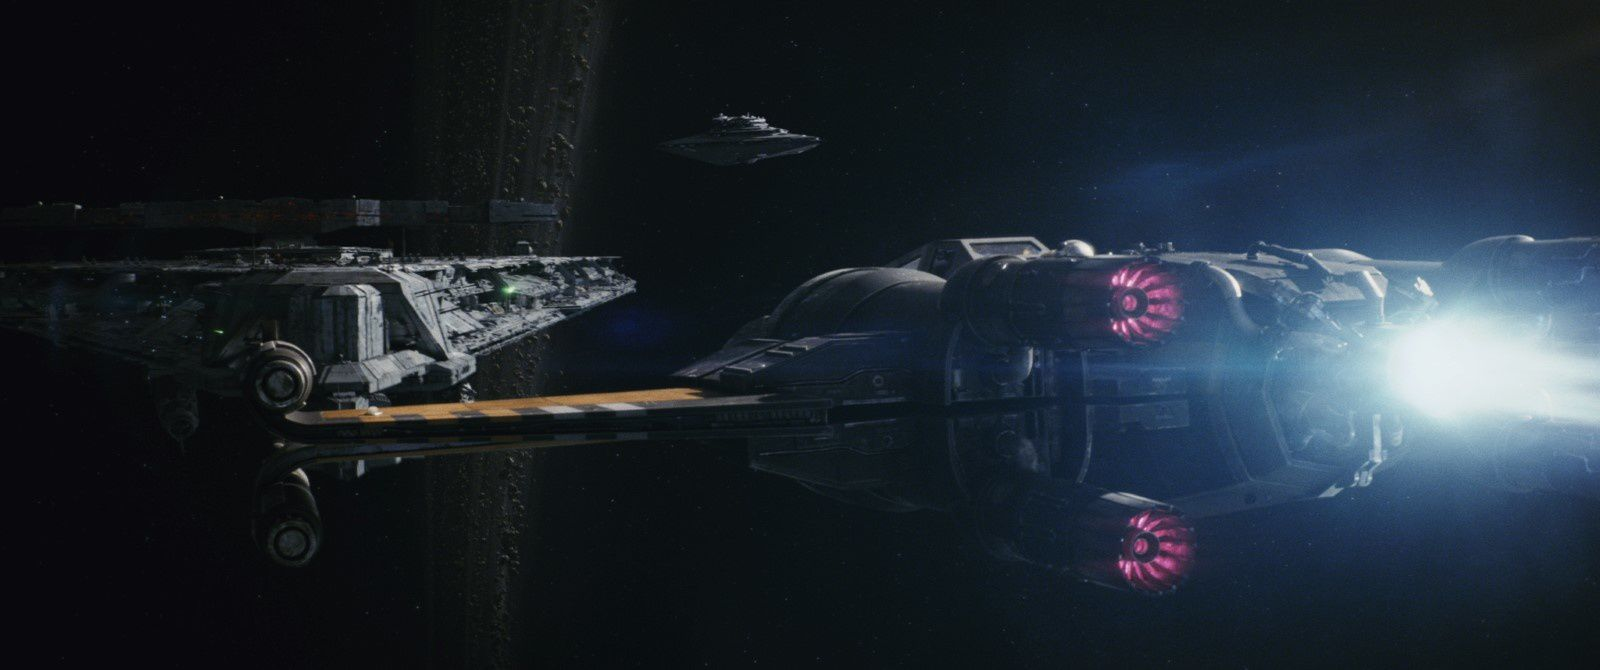 Star Wars - Les Derniers Jedi (BANDE ANNONCE) avec Daisy Ridley, John Boyega, Mark Hamill - Le 13 décembre 2017 au cinéma